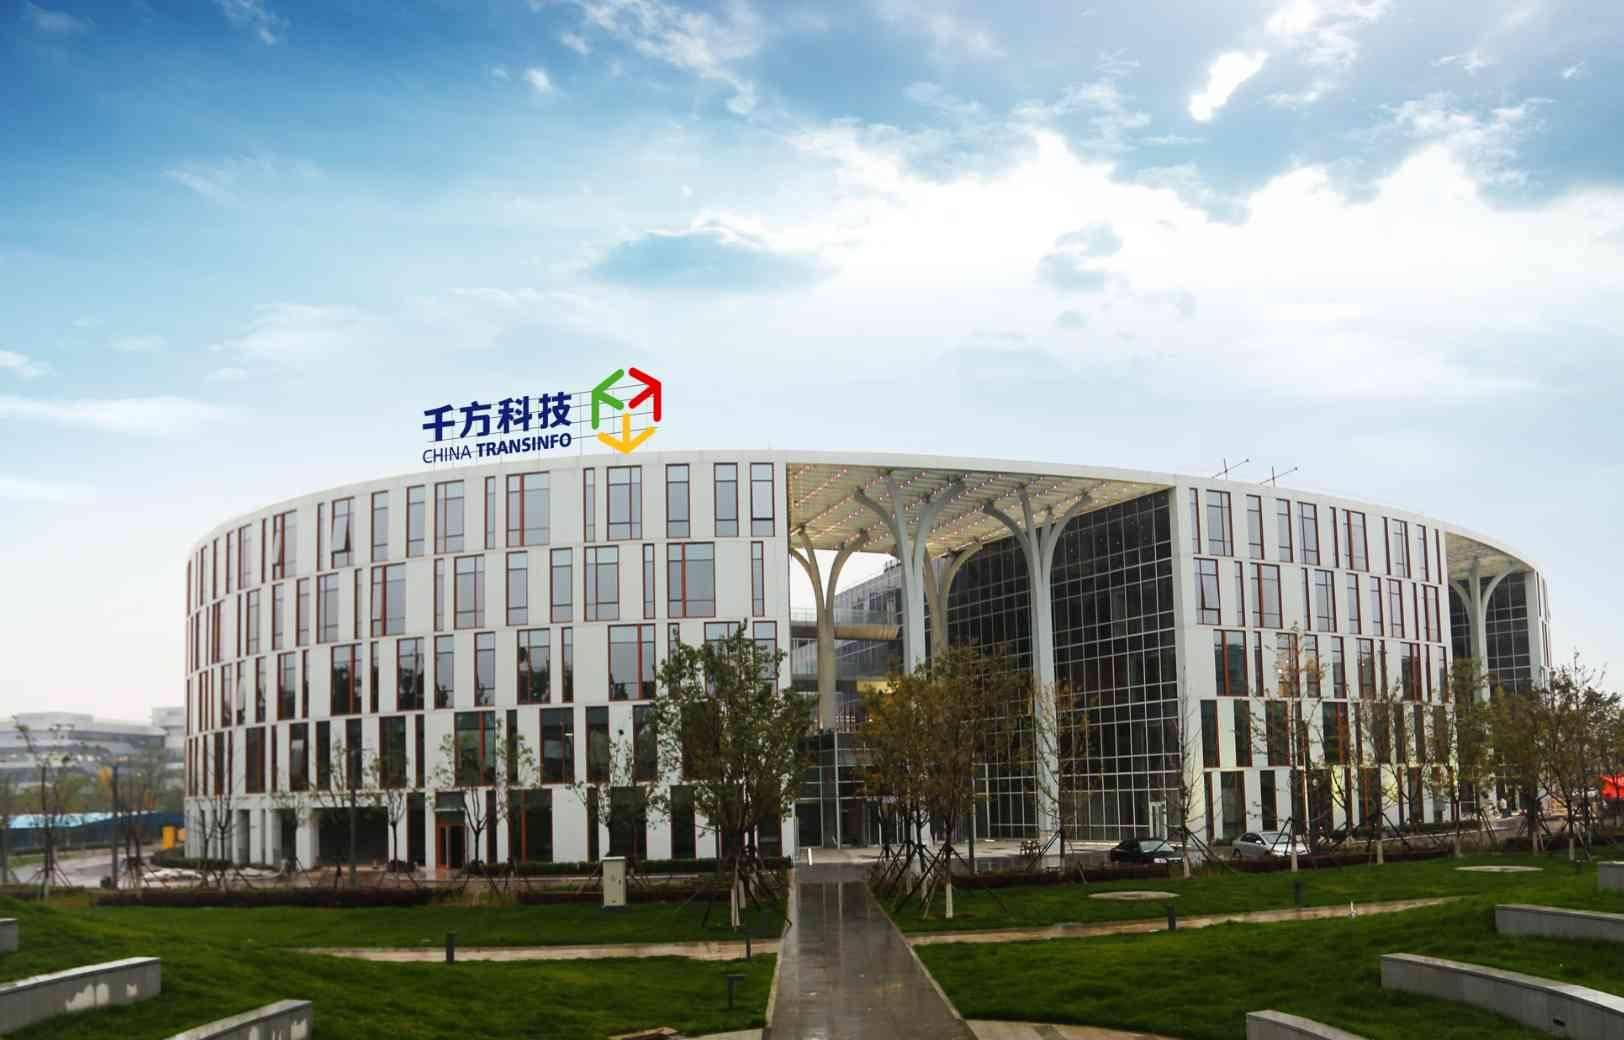 多次改变募集资金的用途!钱芳科技以636%的溢价收购北京泛天,以吸引监管机构的关注